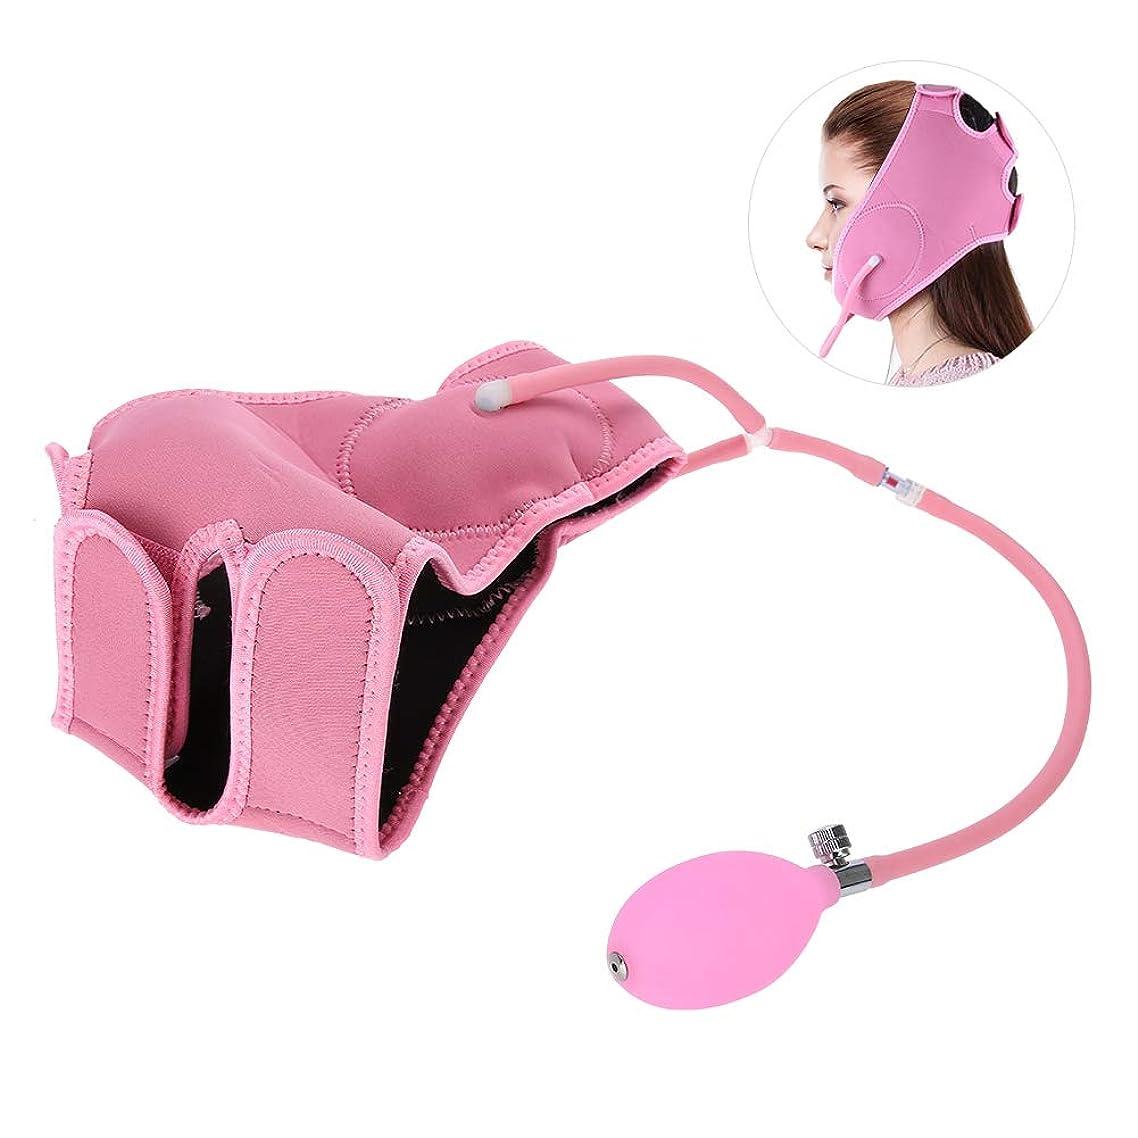 先祖泥だらけテロリスト美顔術の器械、創造的なエアバッグの設計は持ち上がる包帯をきつく締めます二重あごの美顔術のための顔の心配用具を滑らかにします